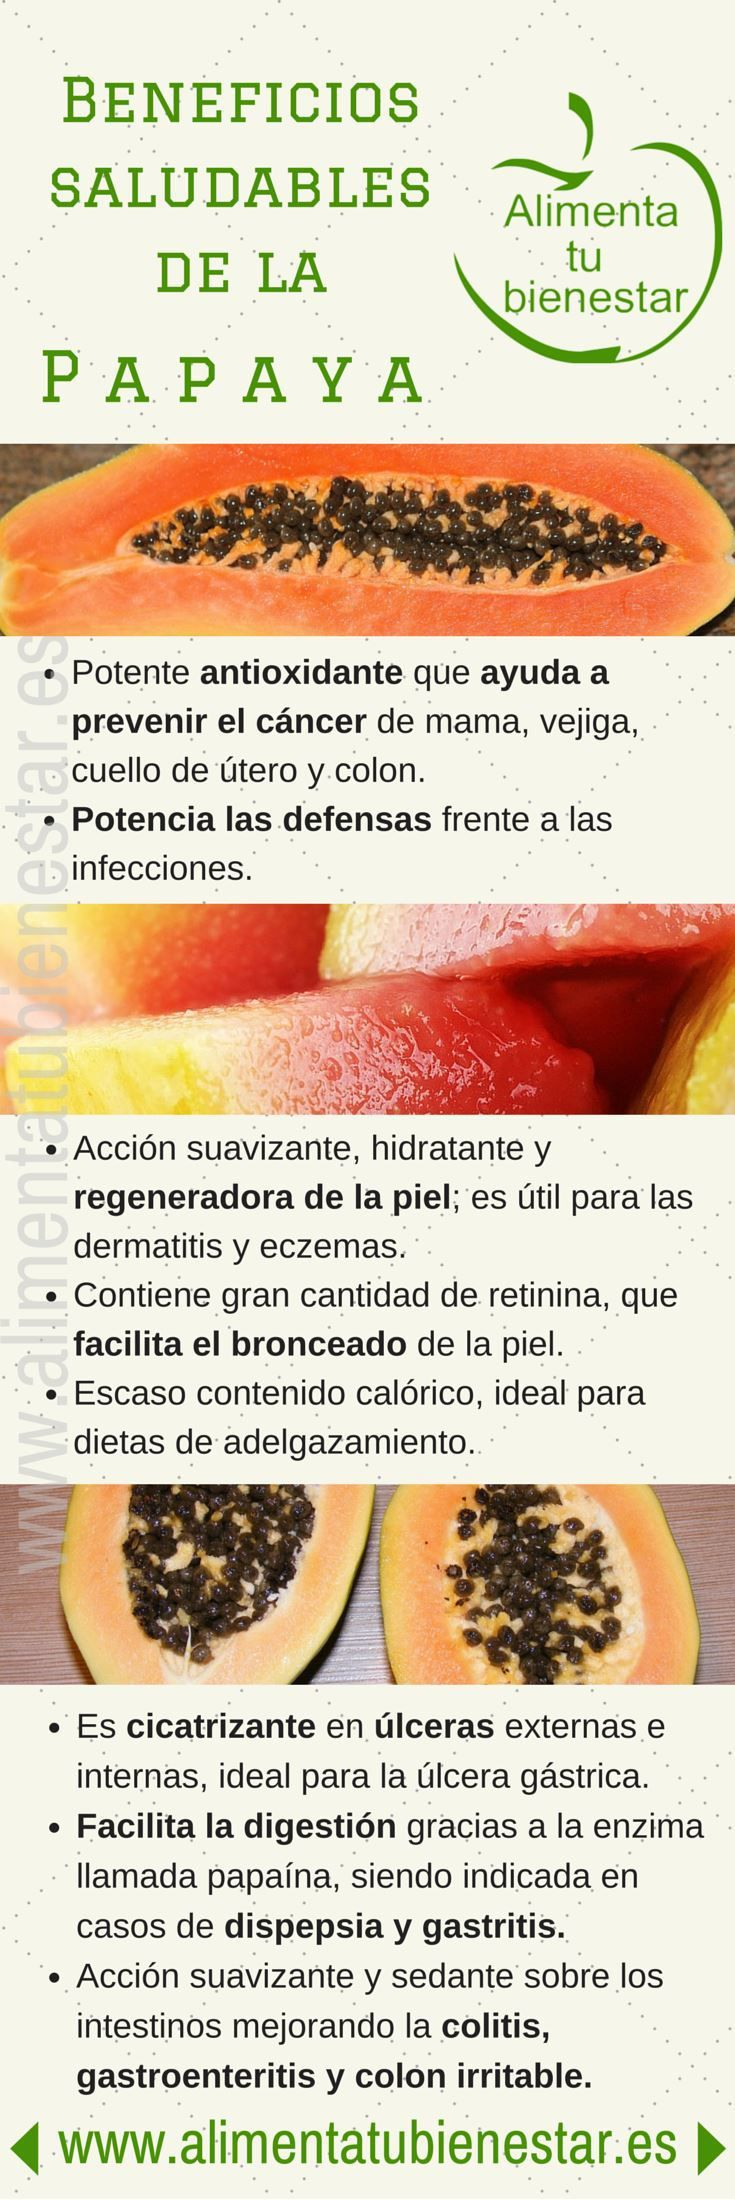 #Infografia Beneficios saludables de la papaya #alimentatubienestar